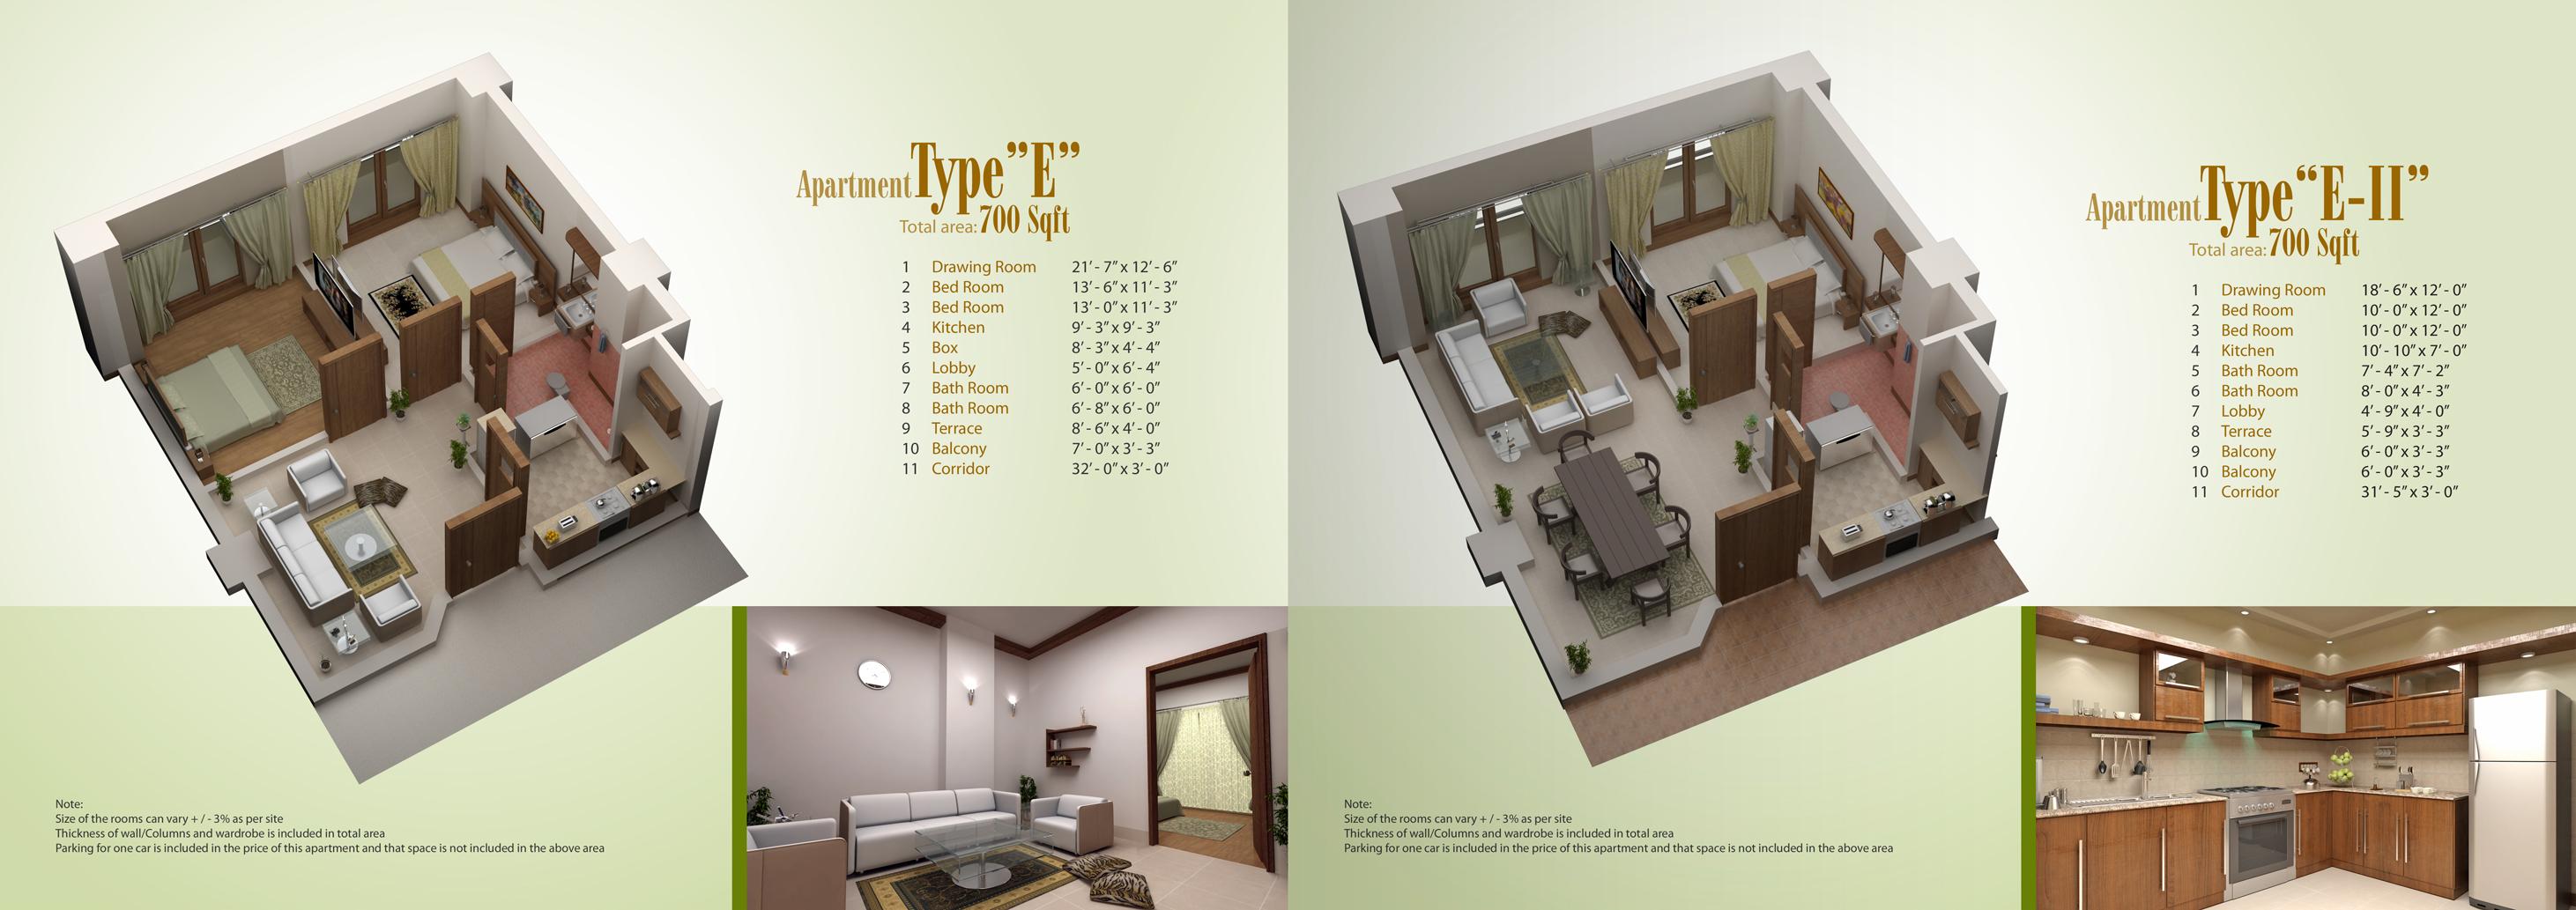 Brochure Design Meemjee's Blog